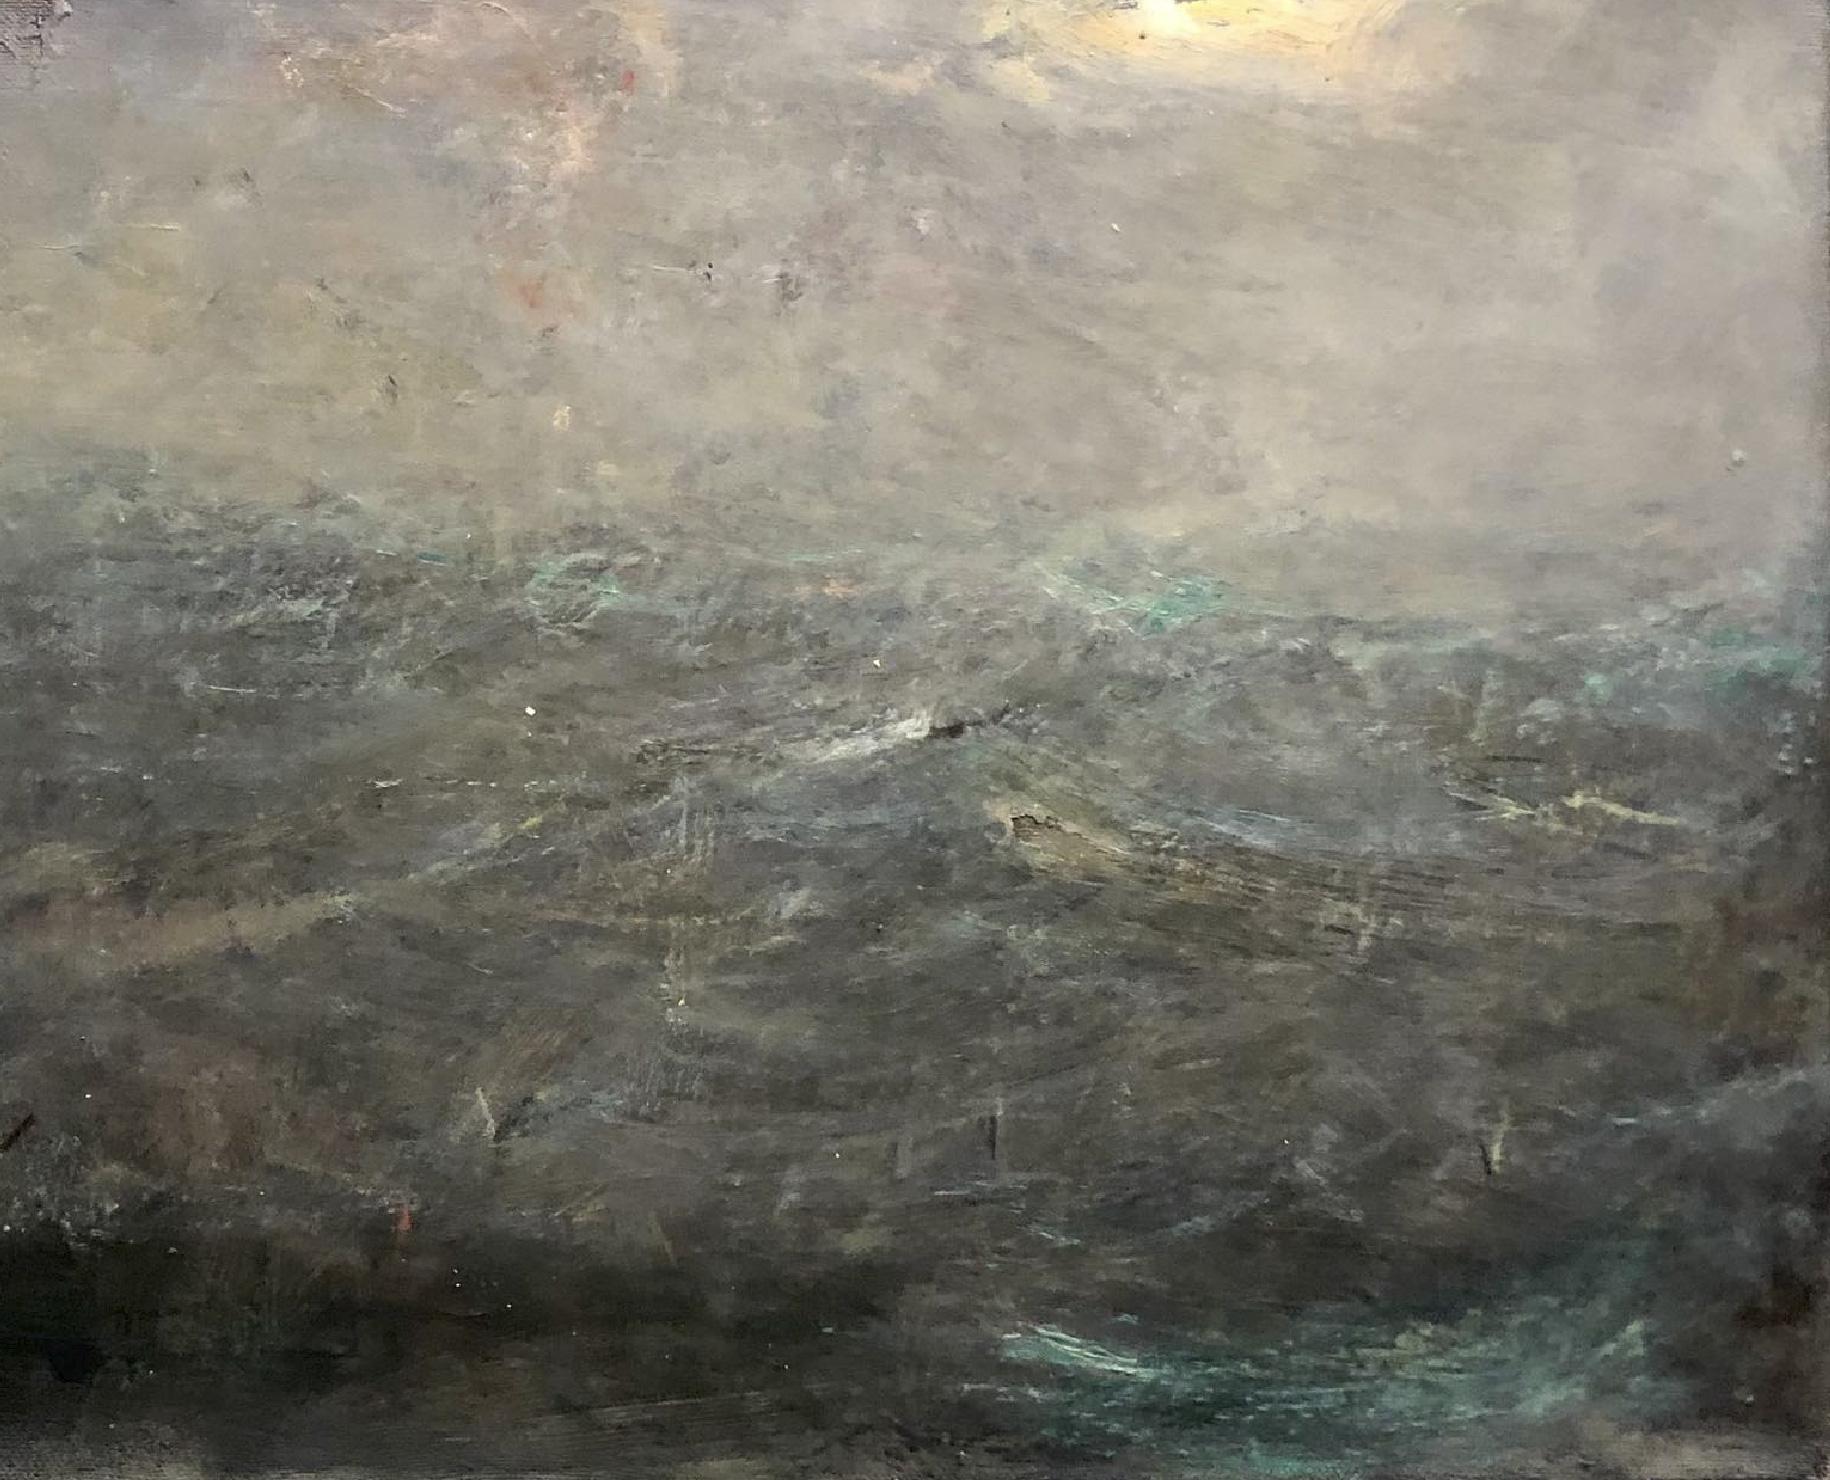 Image 4 Canvas oil 33x40cm-05